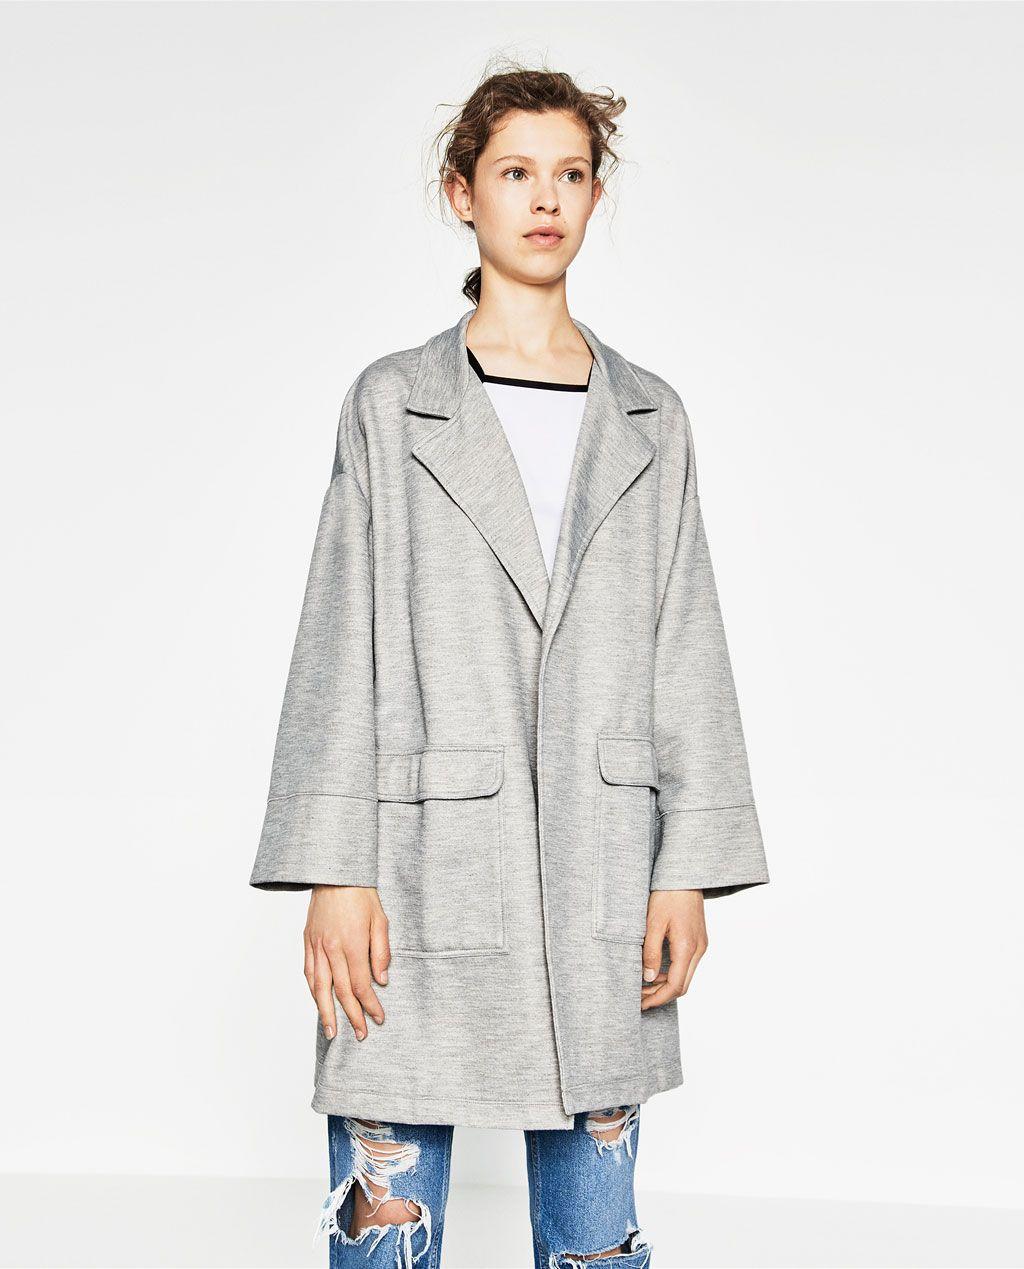 Manteaux pour femme en solde